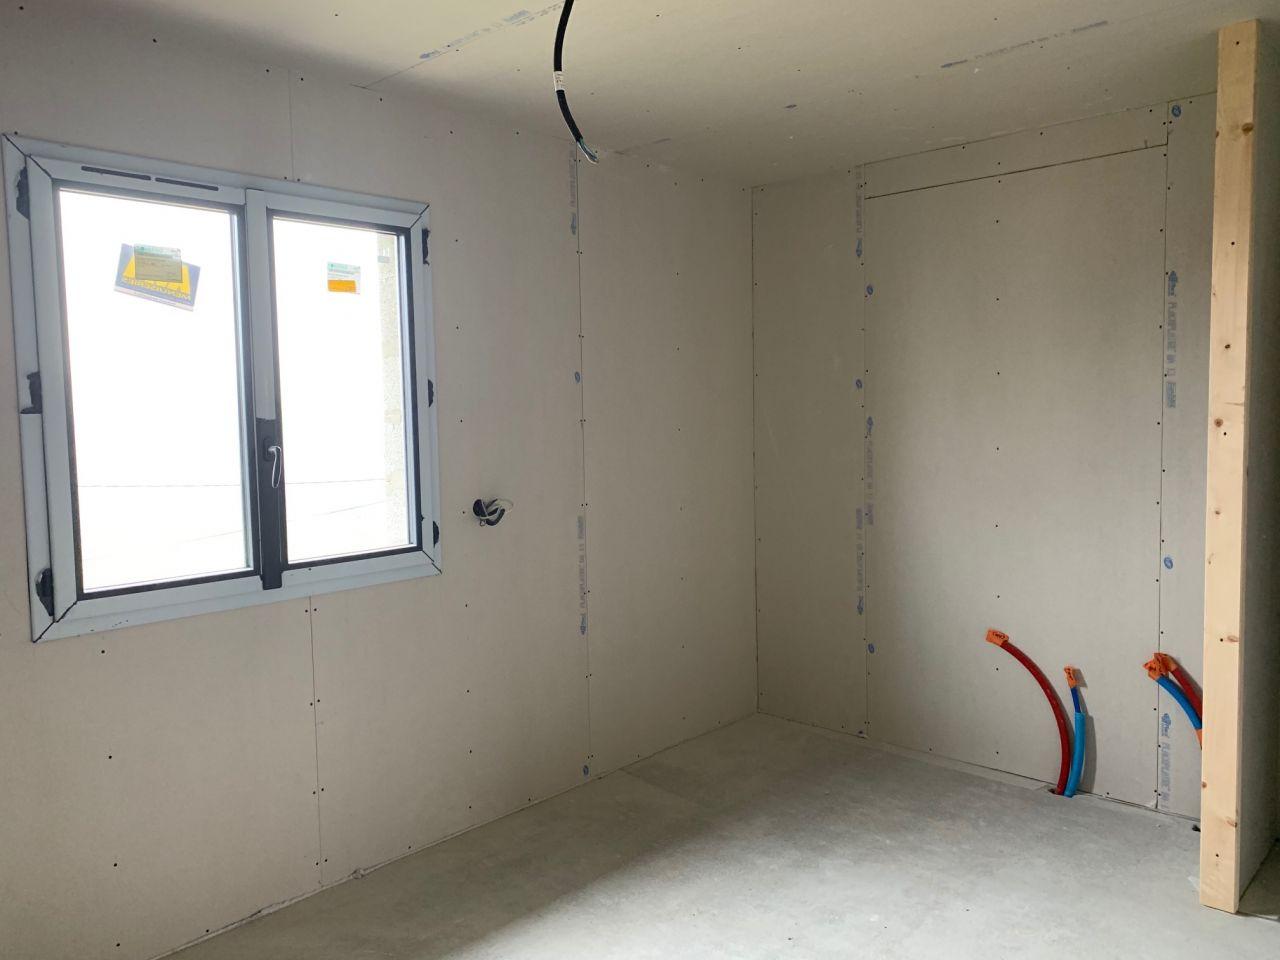 Chambre coté placard intégré